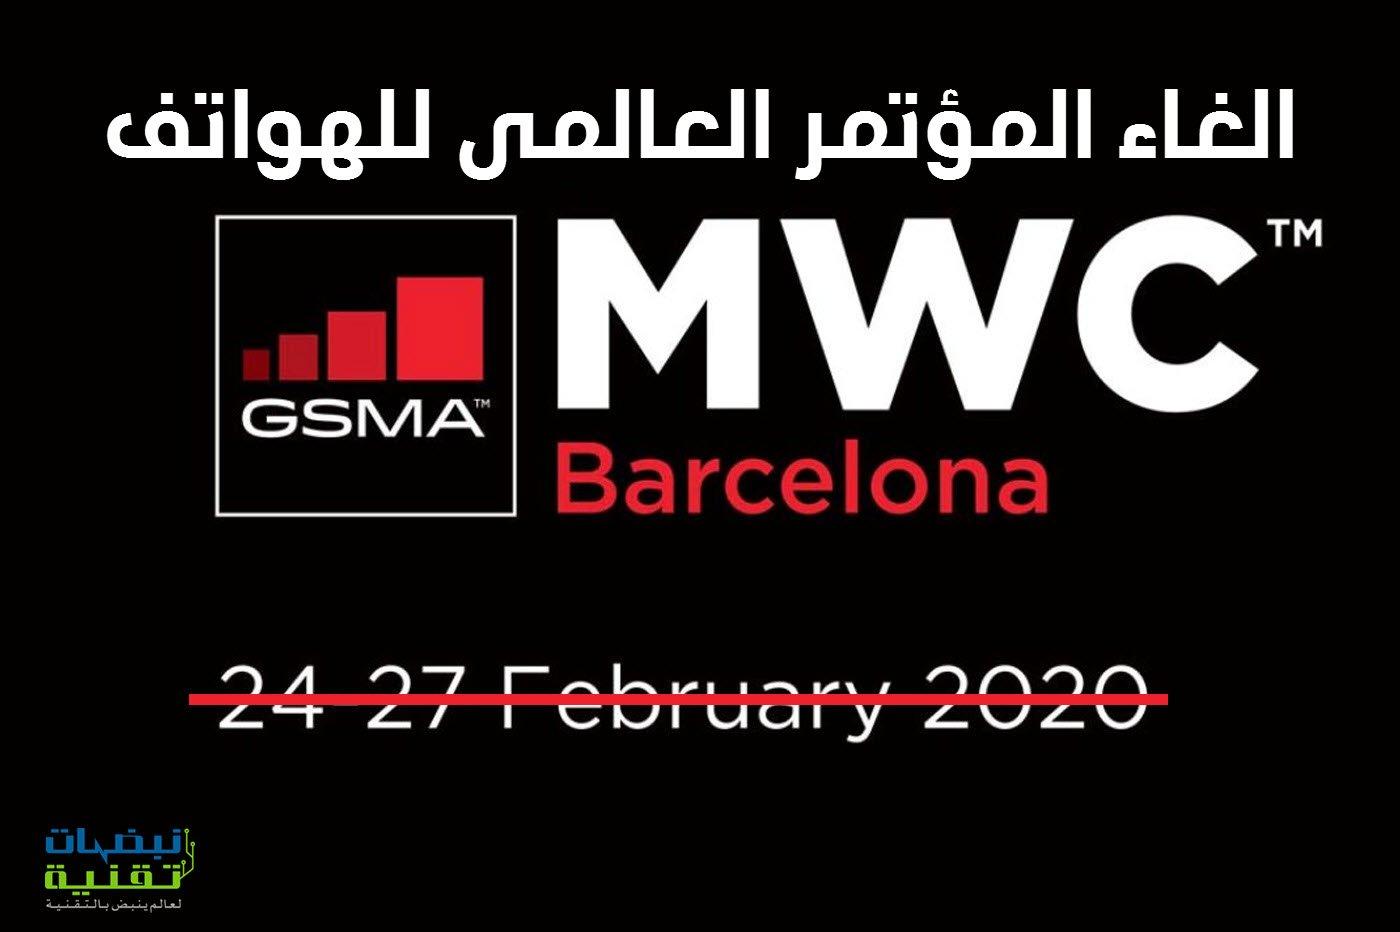 المؤتمر العالمي للهواتف MWC 2020